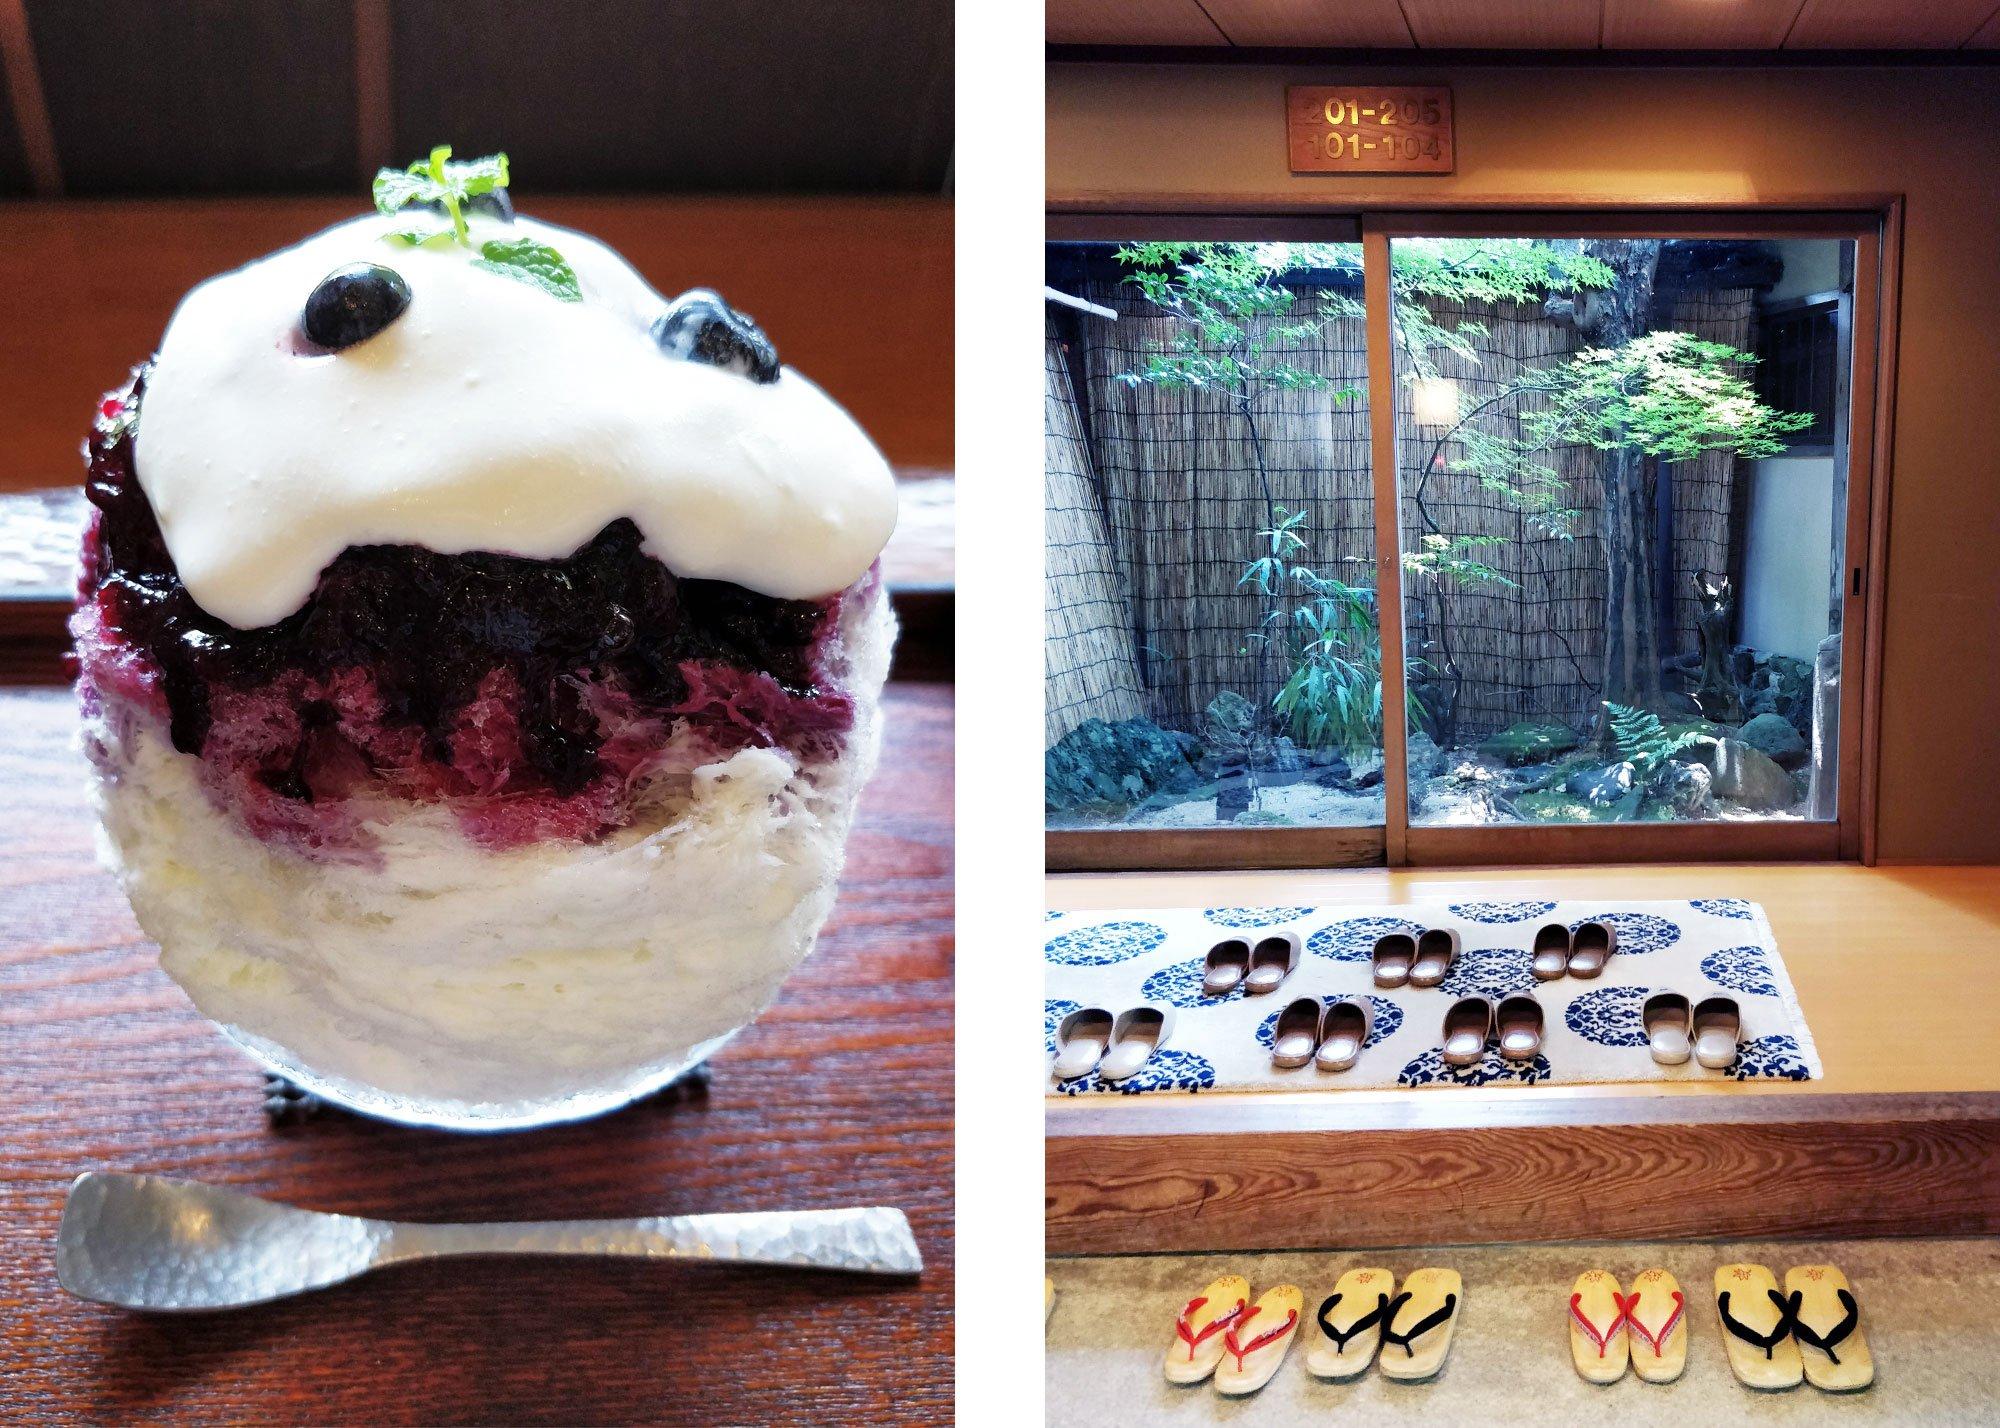 Kakigori-jäätelöannos ja kuva ryokanista, missä on tohveleita sisäpihan edessä